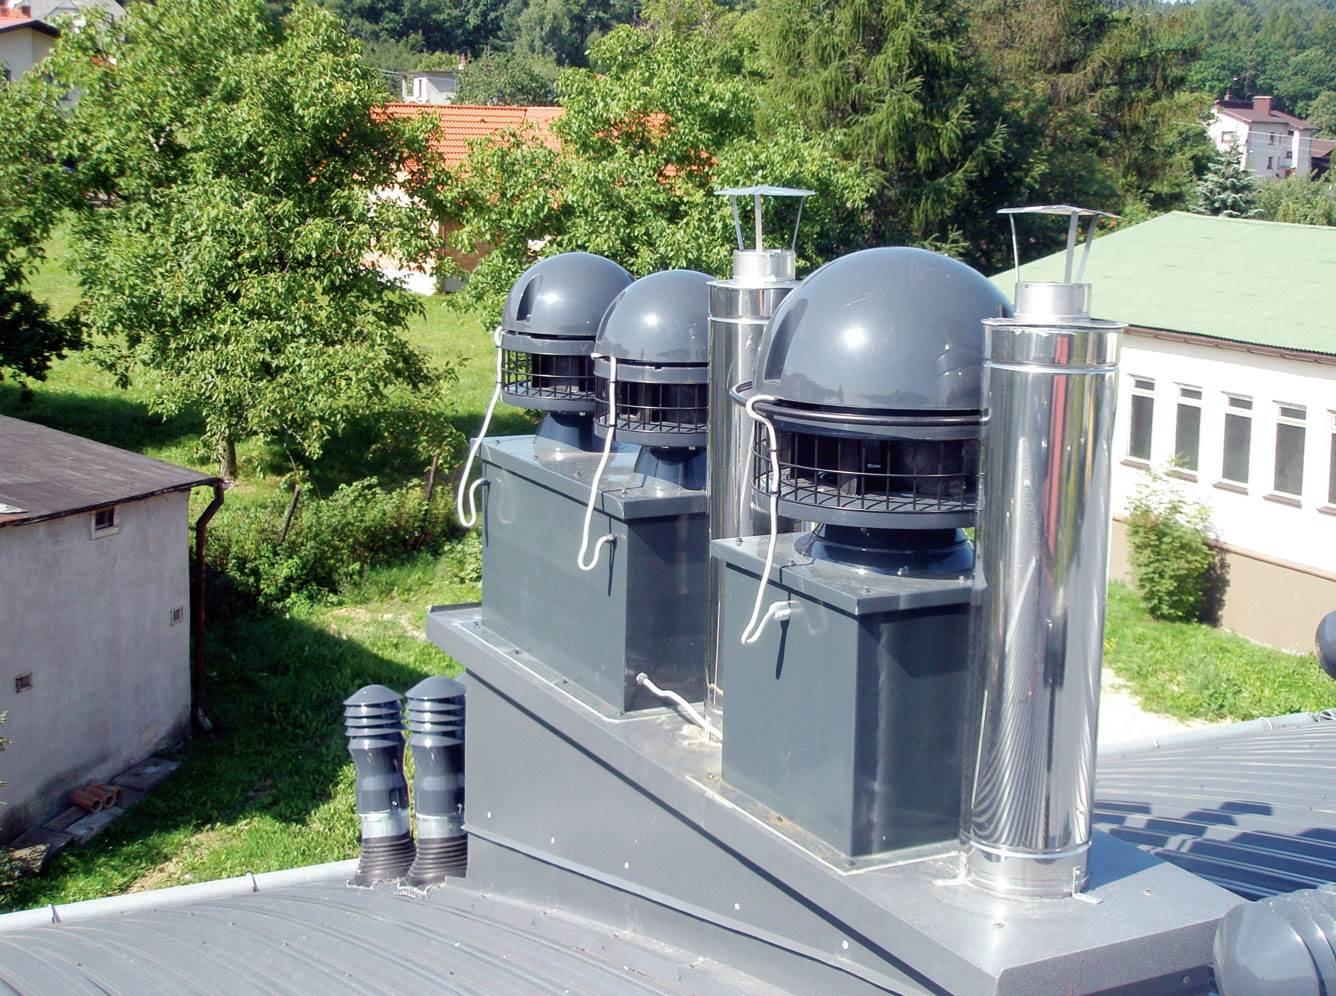 Fot. 1. Należy pamiętać o przeglądzie nasad kominowych. Fot. Uniwersal